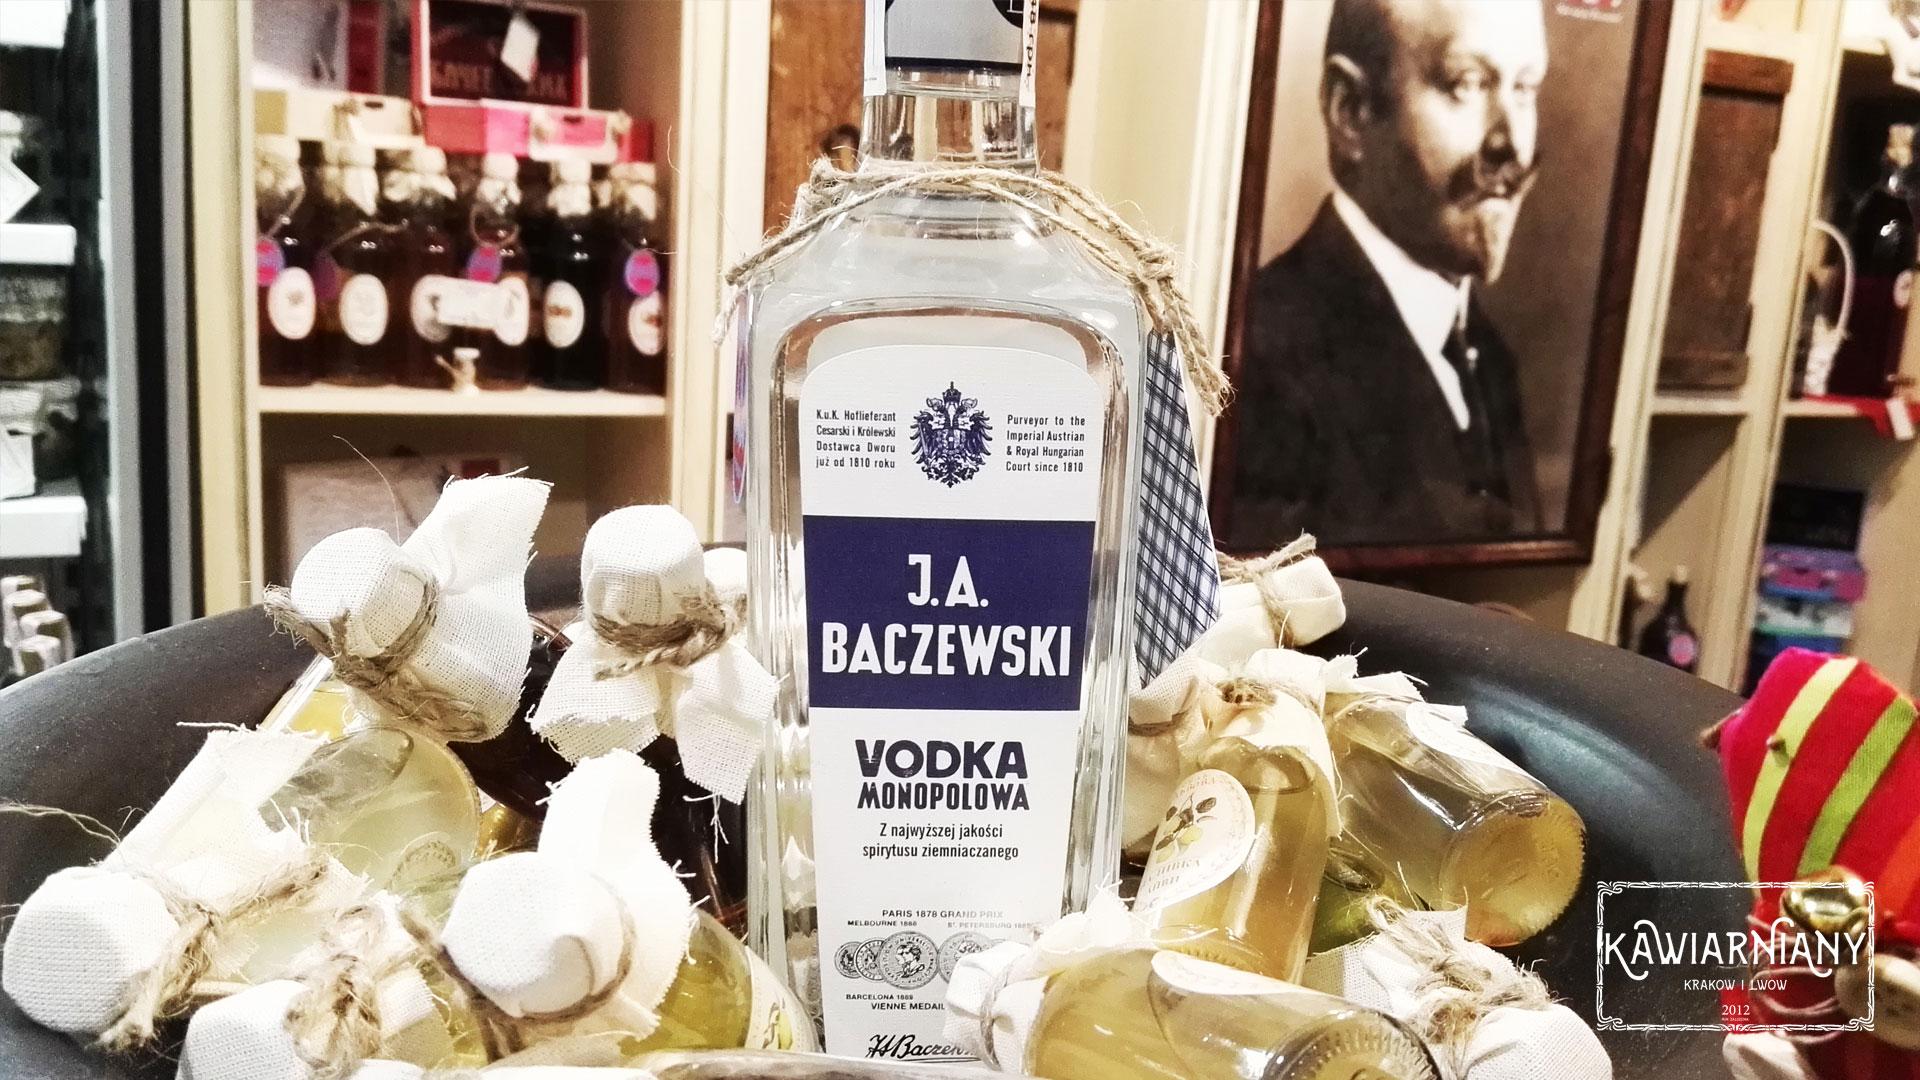 J.A. Baczewski we Lwowie historia – wysoka cena za tradycję